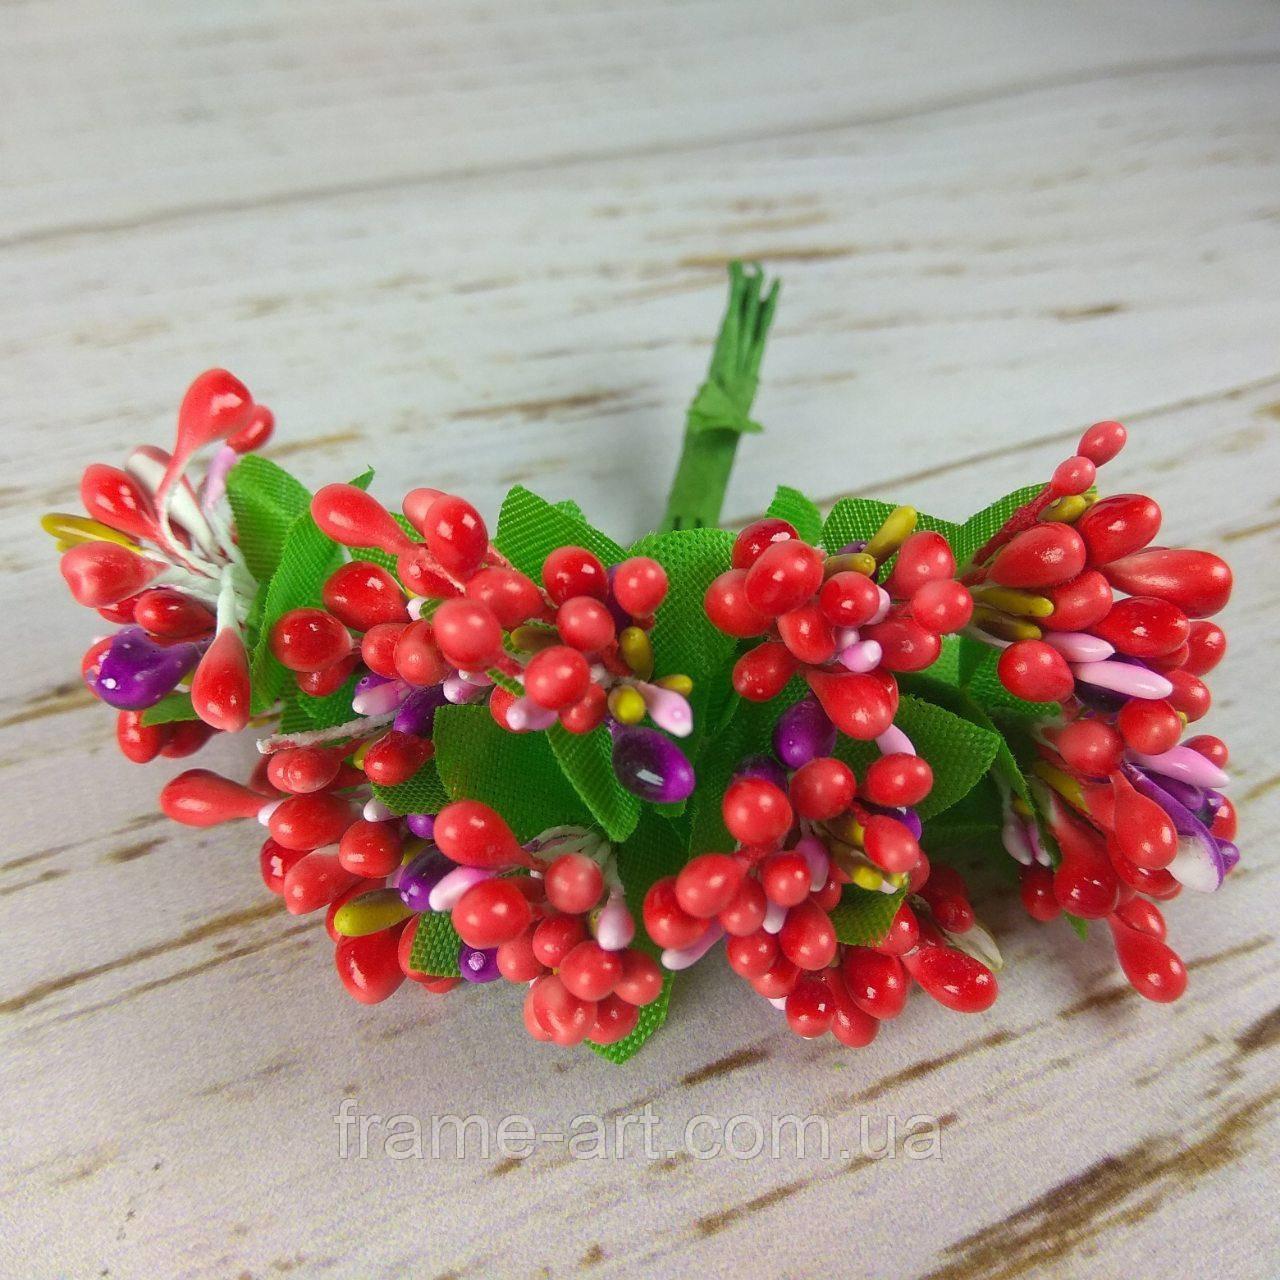 Добавка Тычинка трехцветная 11см 7 красно-сиренево-розовые  570335